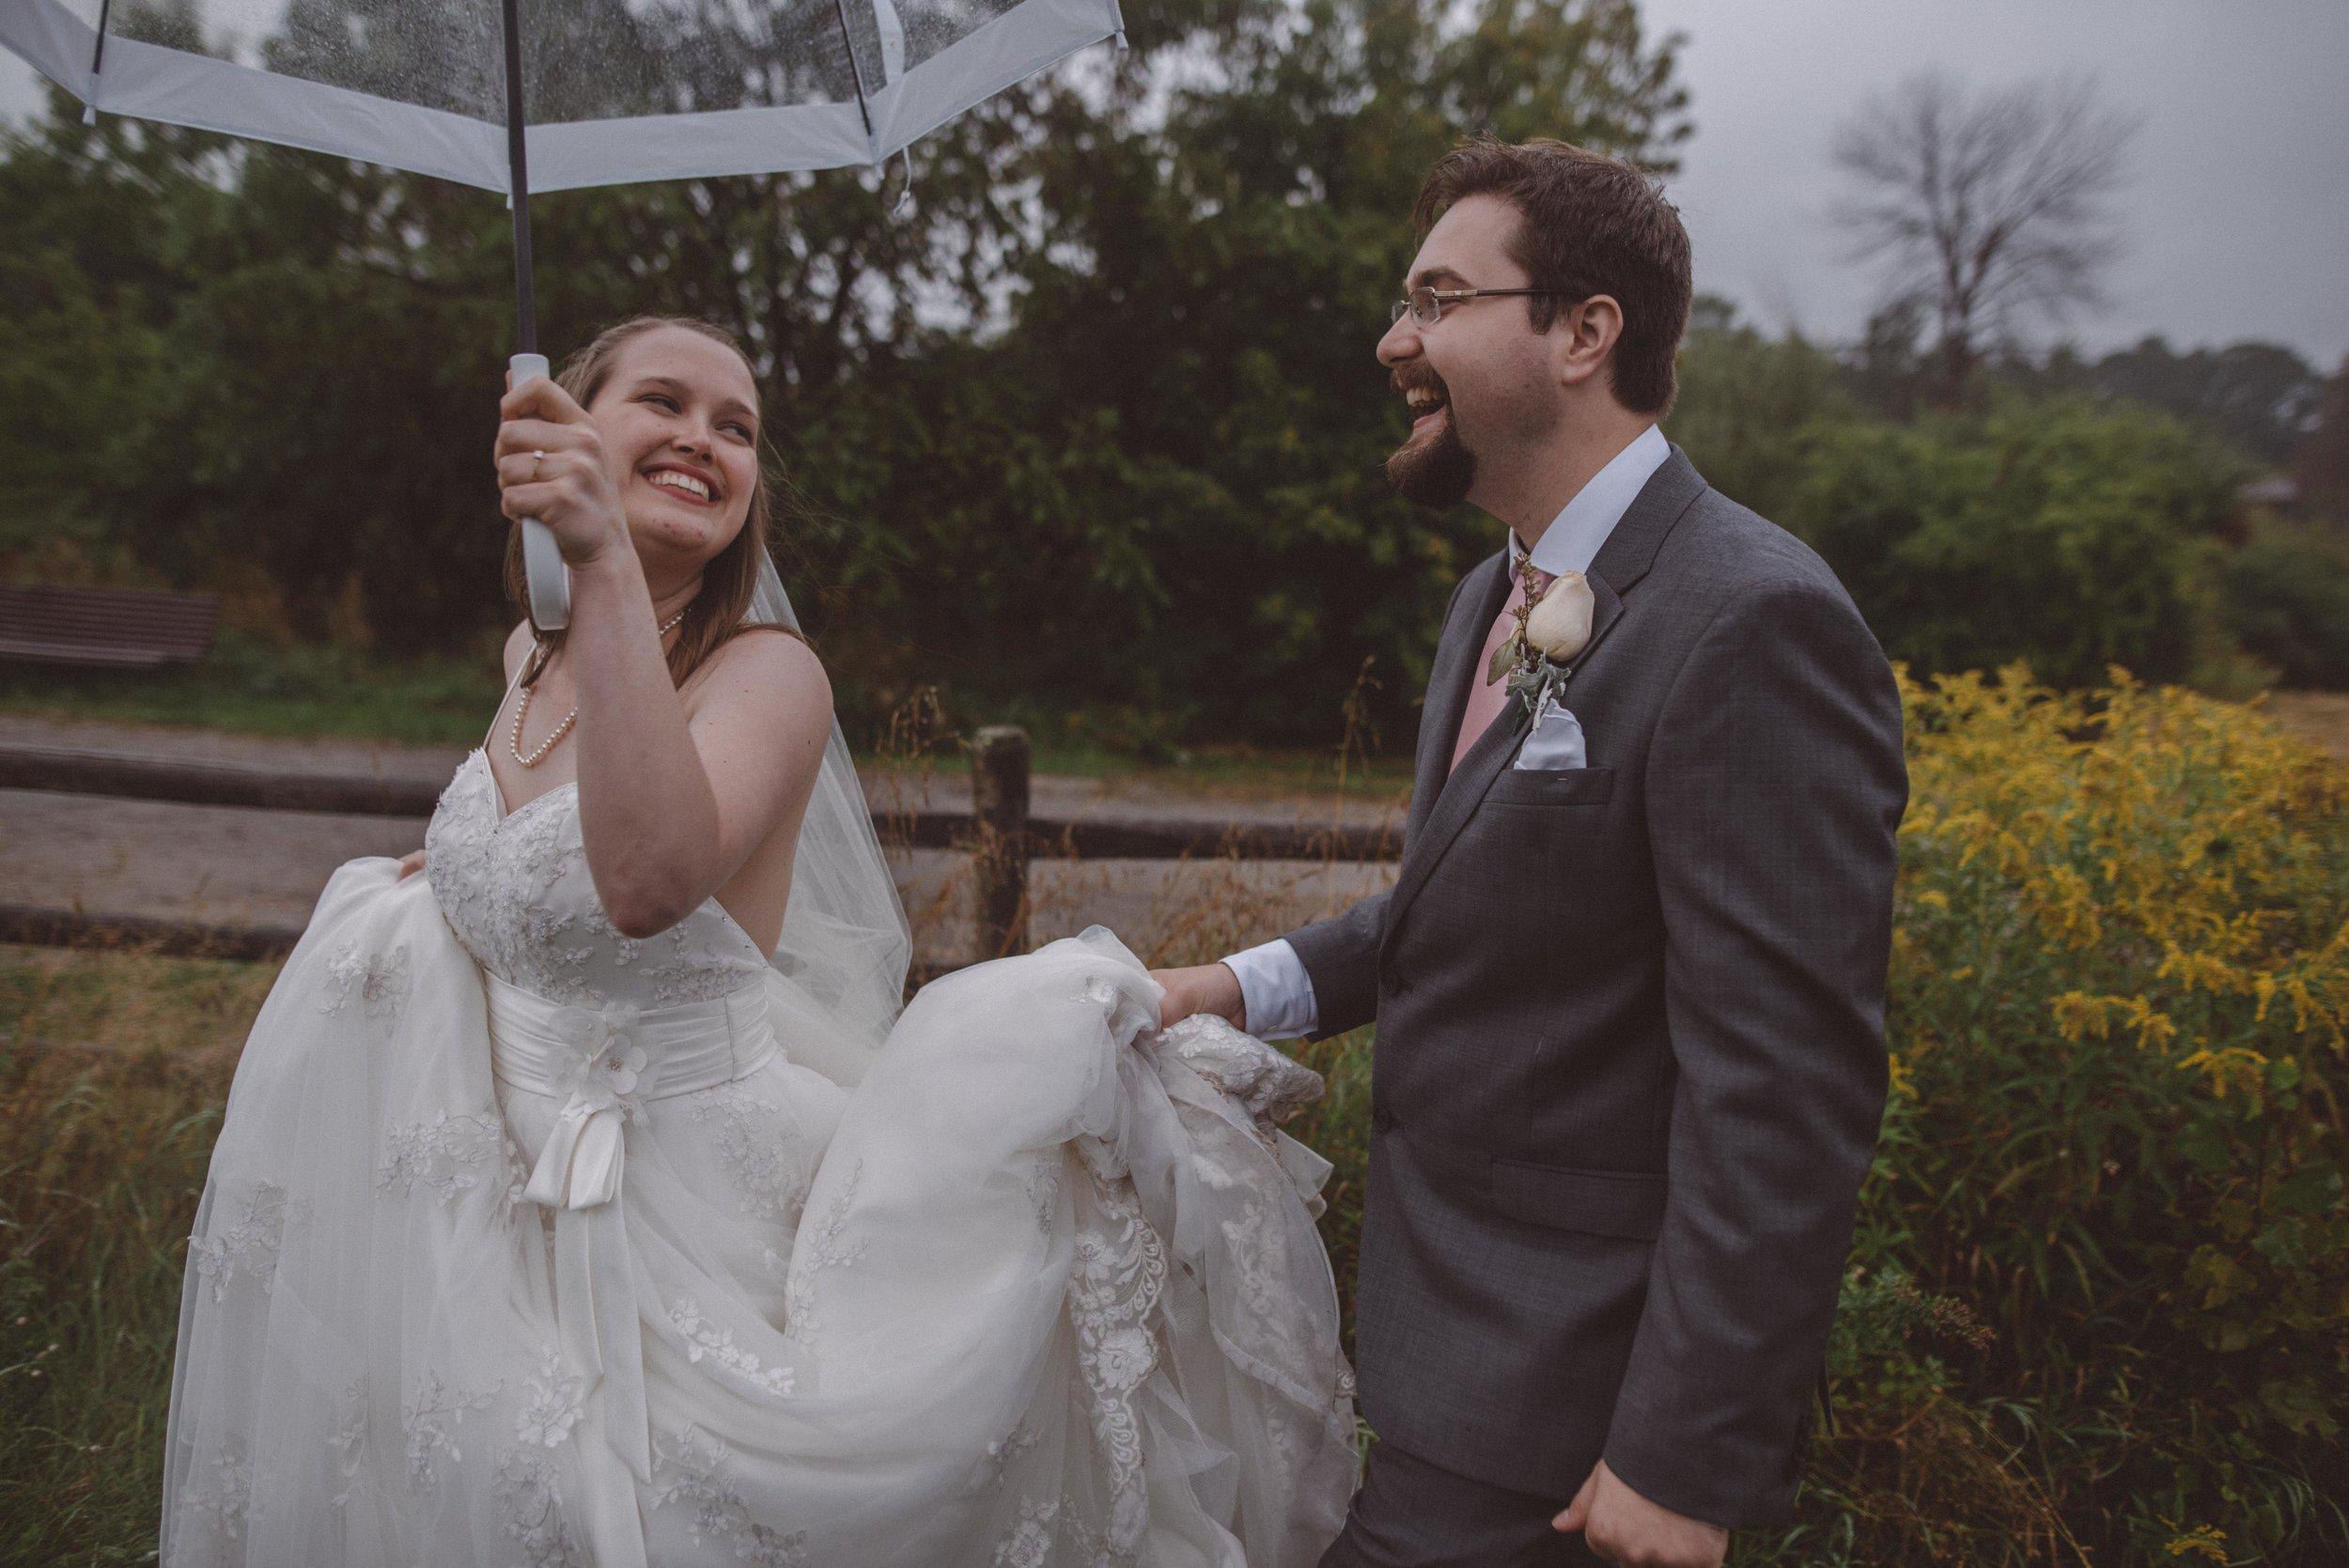 wedding_photographer_lifestyle_documentary_photographe_ottawa_gatineau.jpg